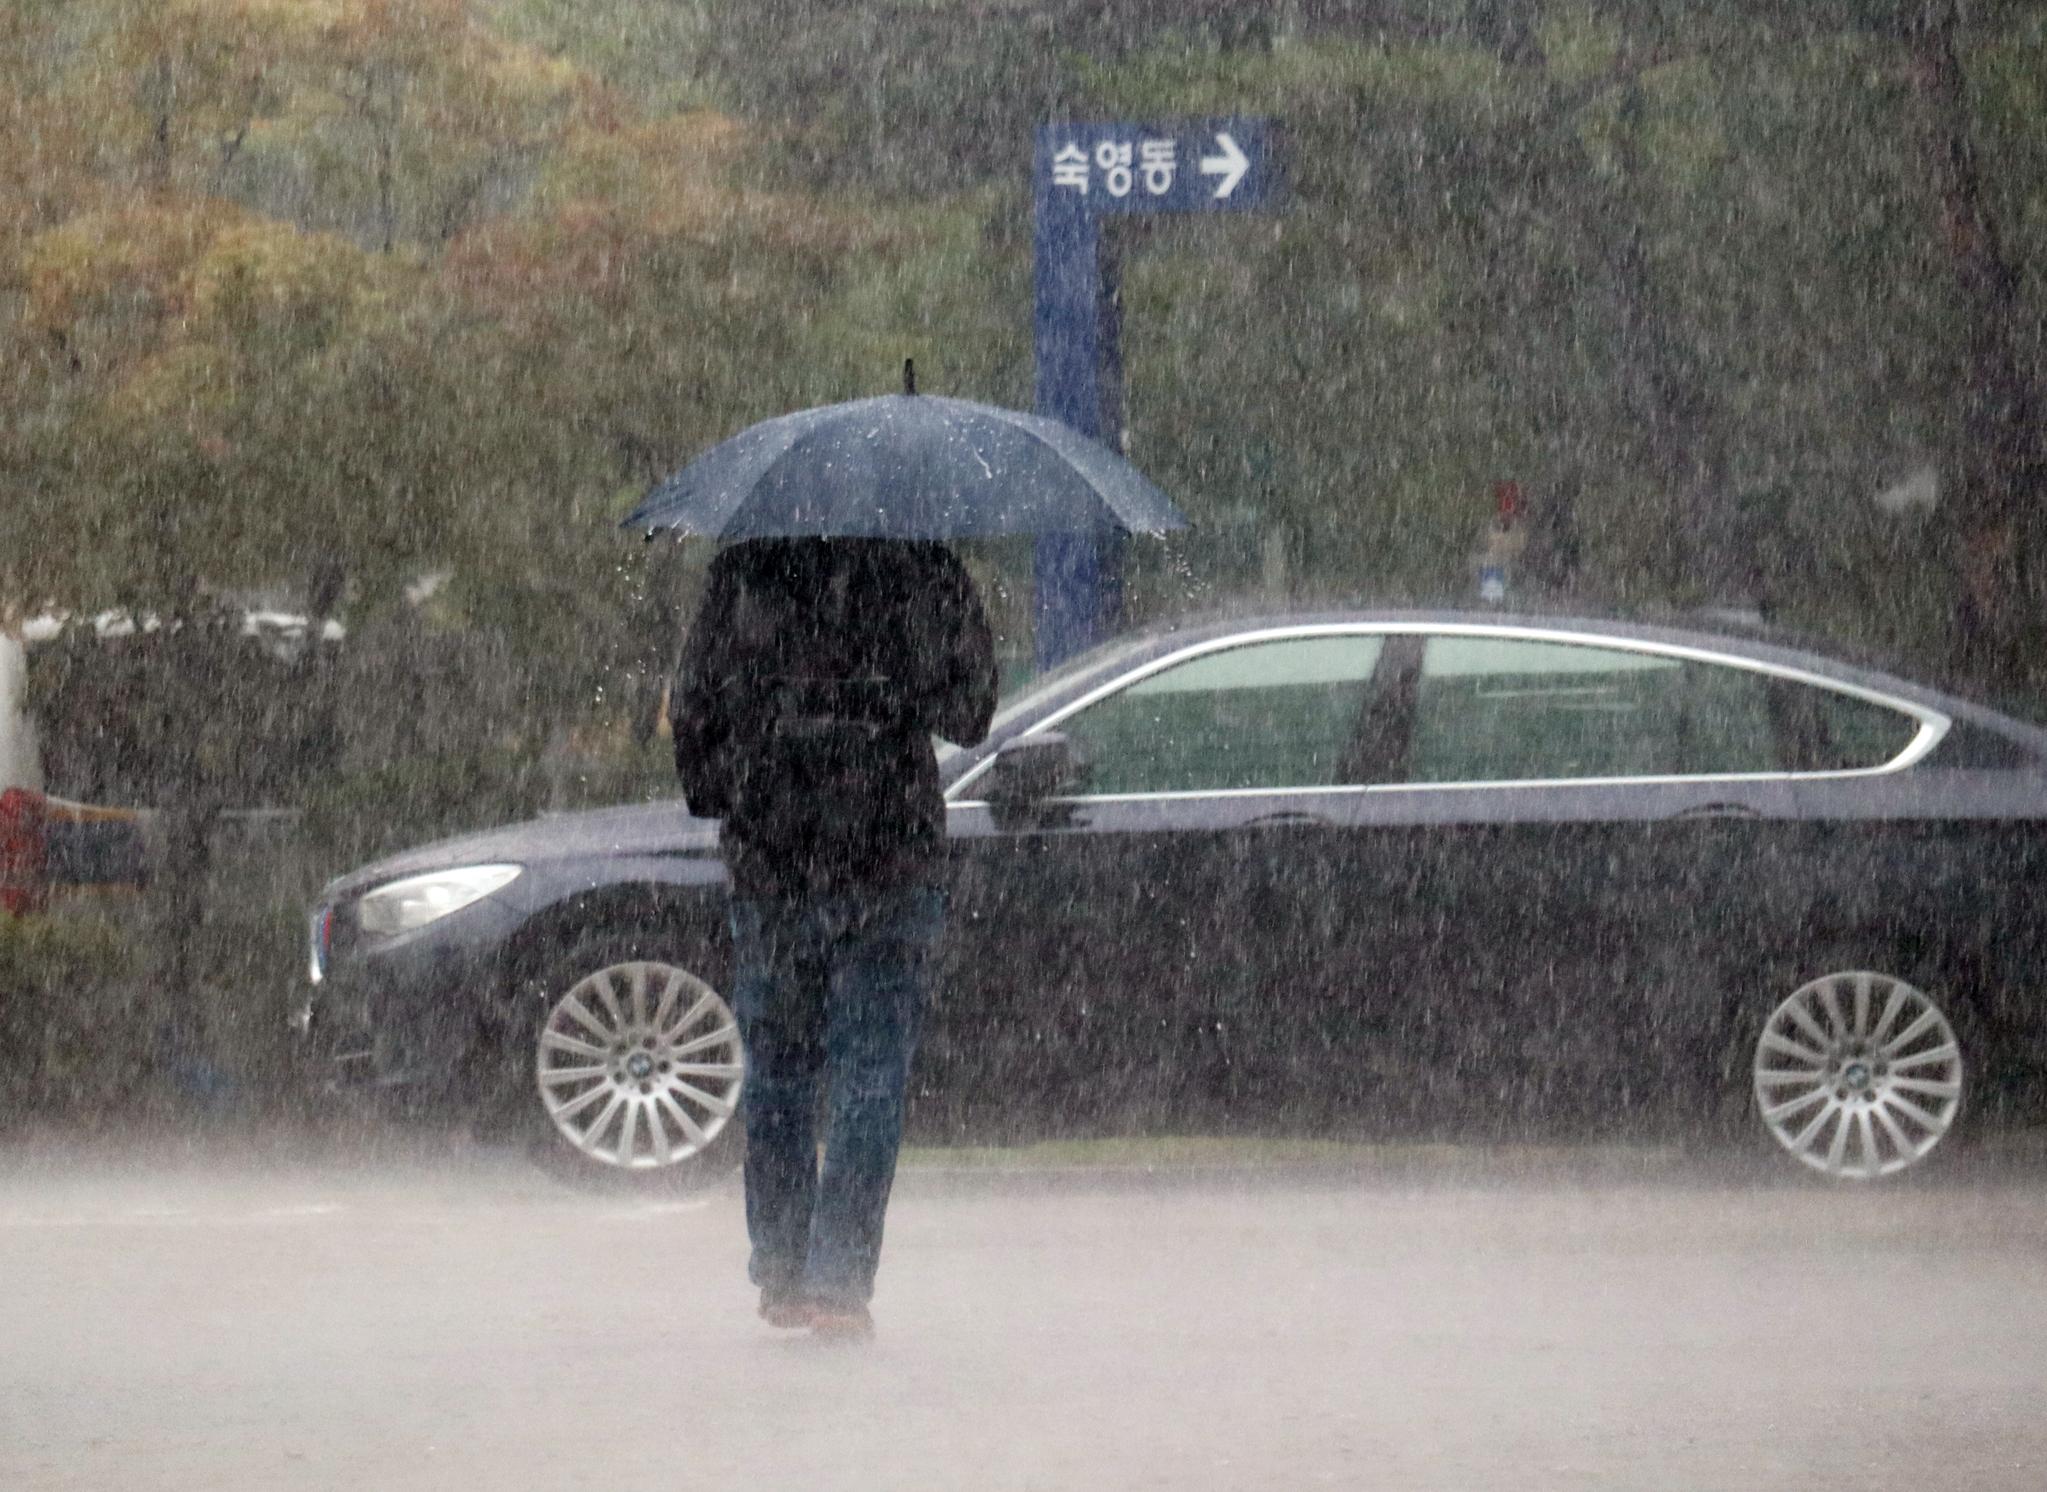 장마전선의 영향으로 전국 대부분 지역에 비가 내린 지난 25일 대전 서구 일대 쏟아지는 굵은 빗줄기를 속을 한 시민이 걸어가고 있다. [연합뉴스]